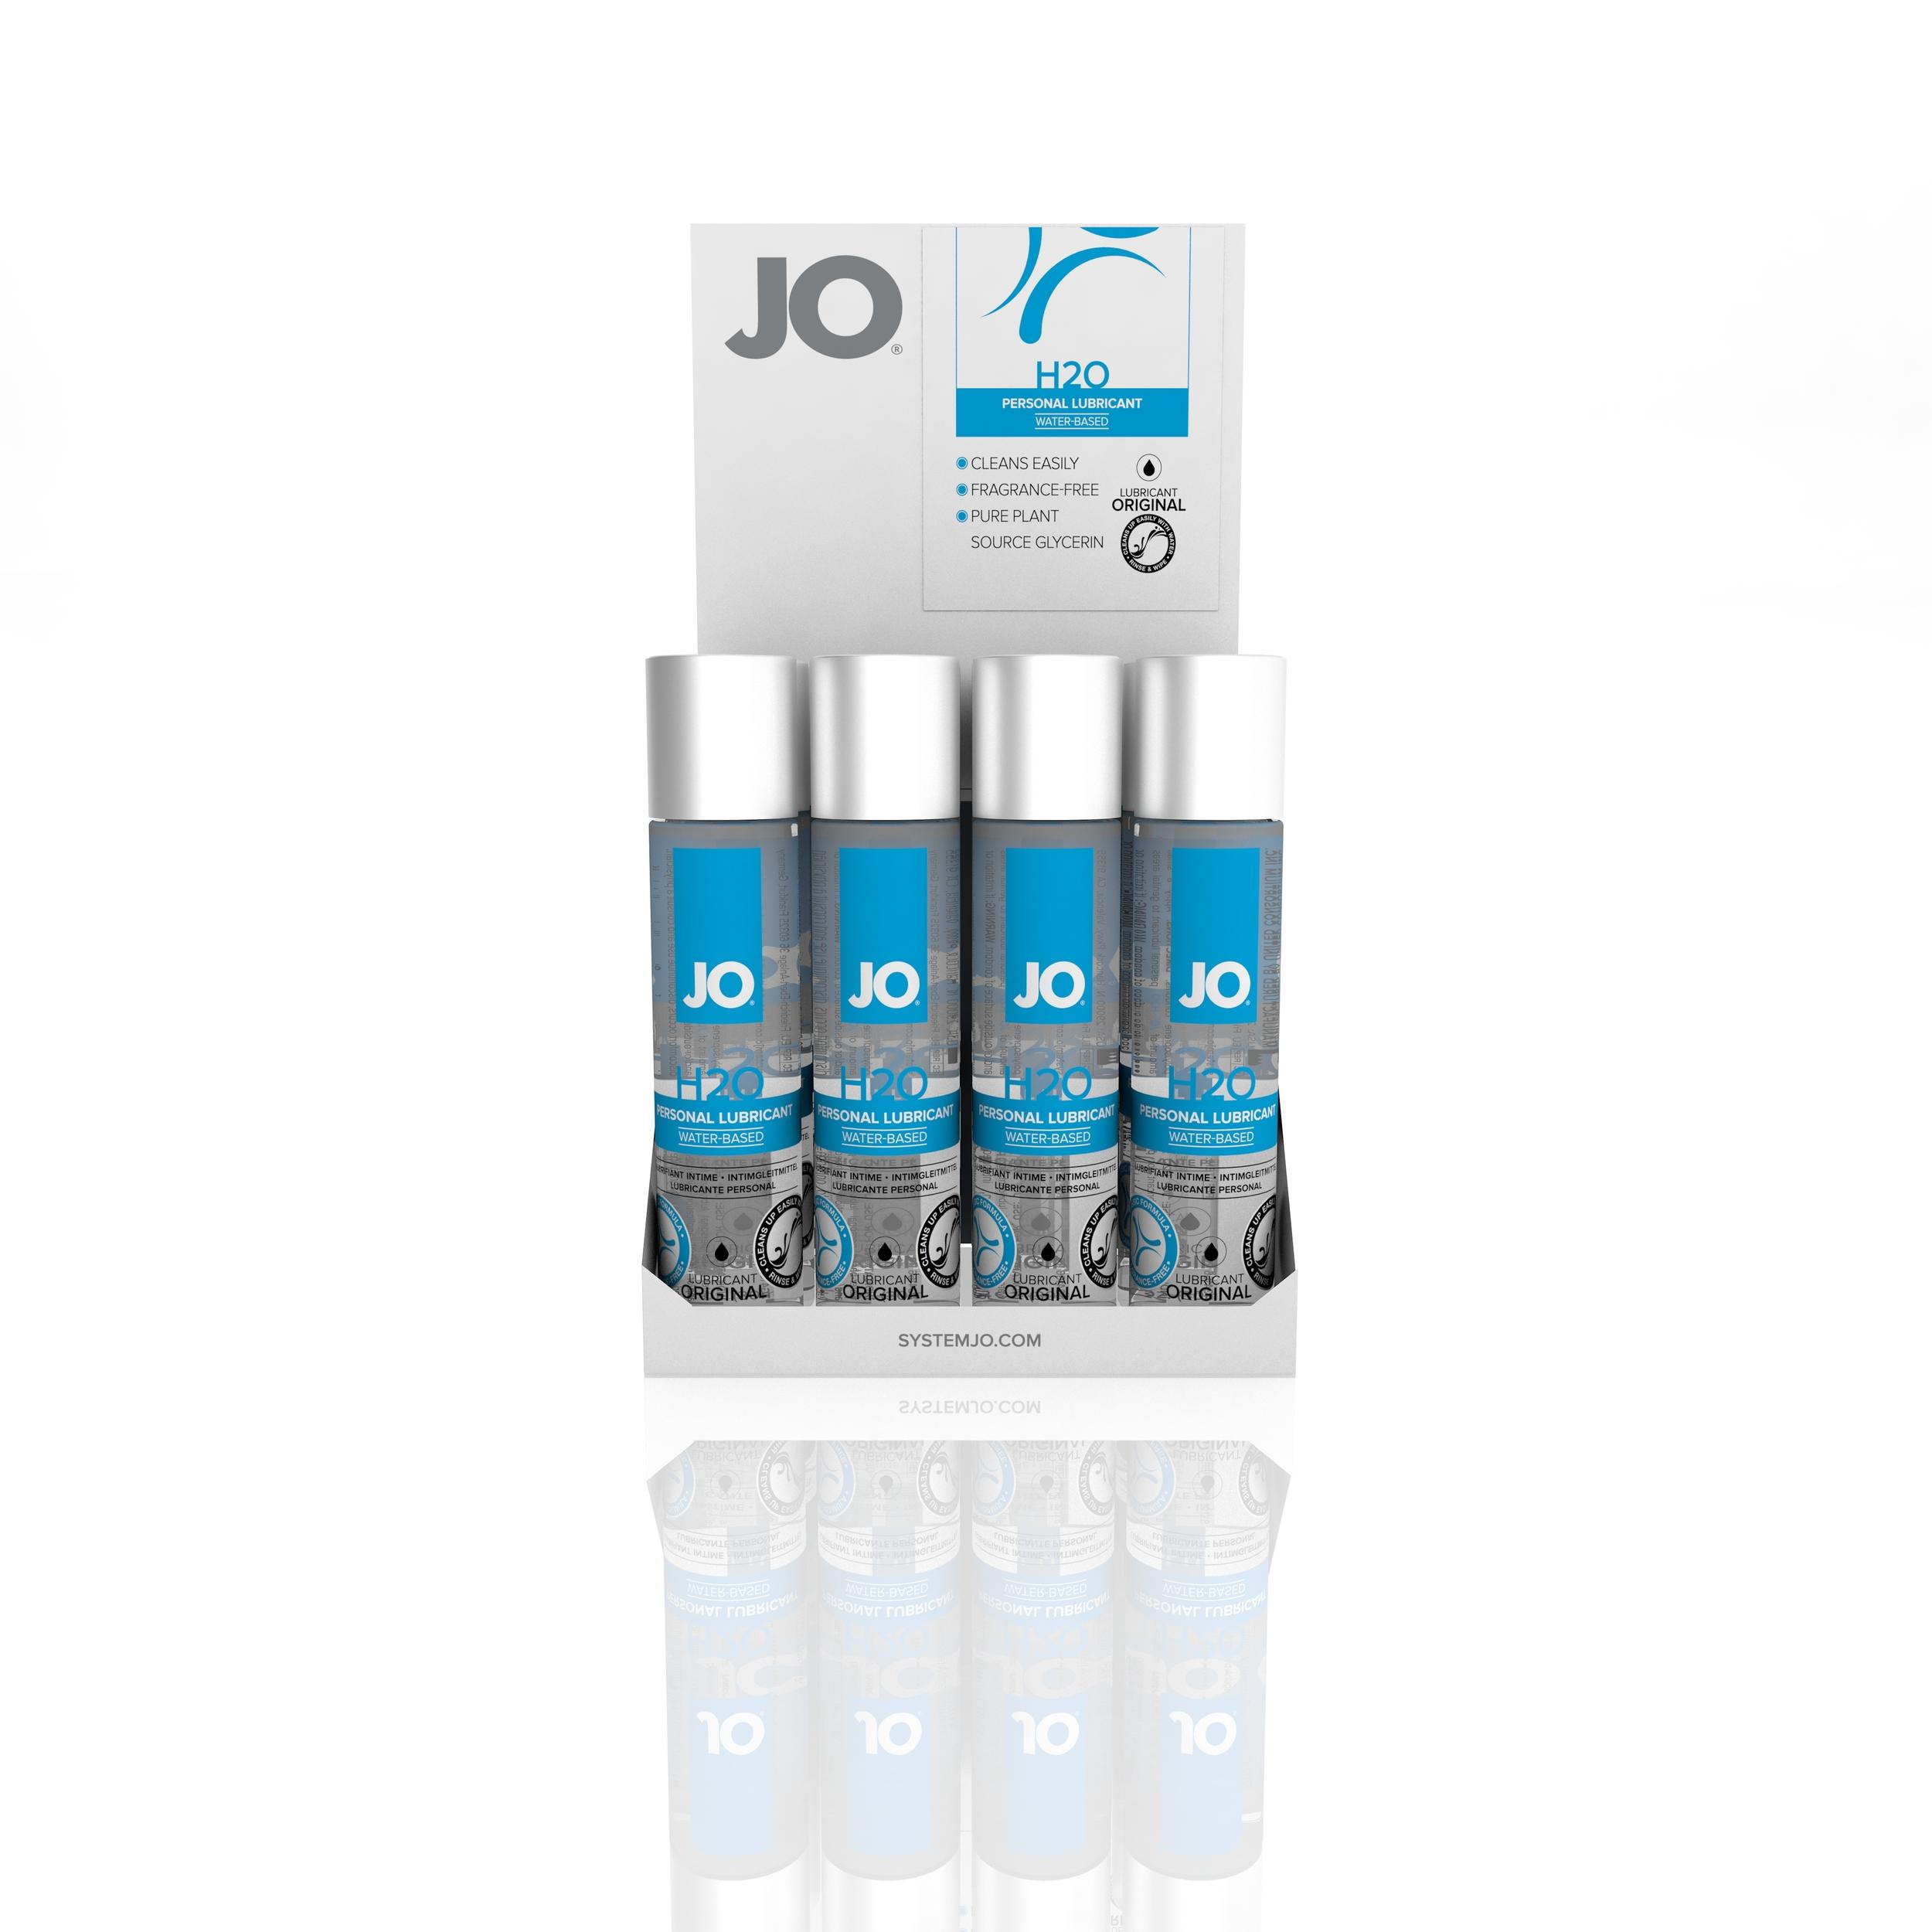 10128 - JO H2O LUBRICANT - ORIGINAL - 1fl.oz30mL Display.jpg